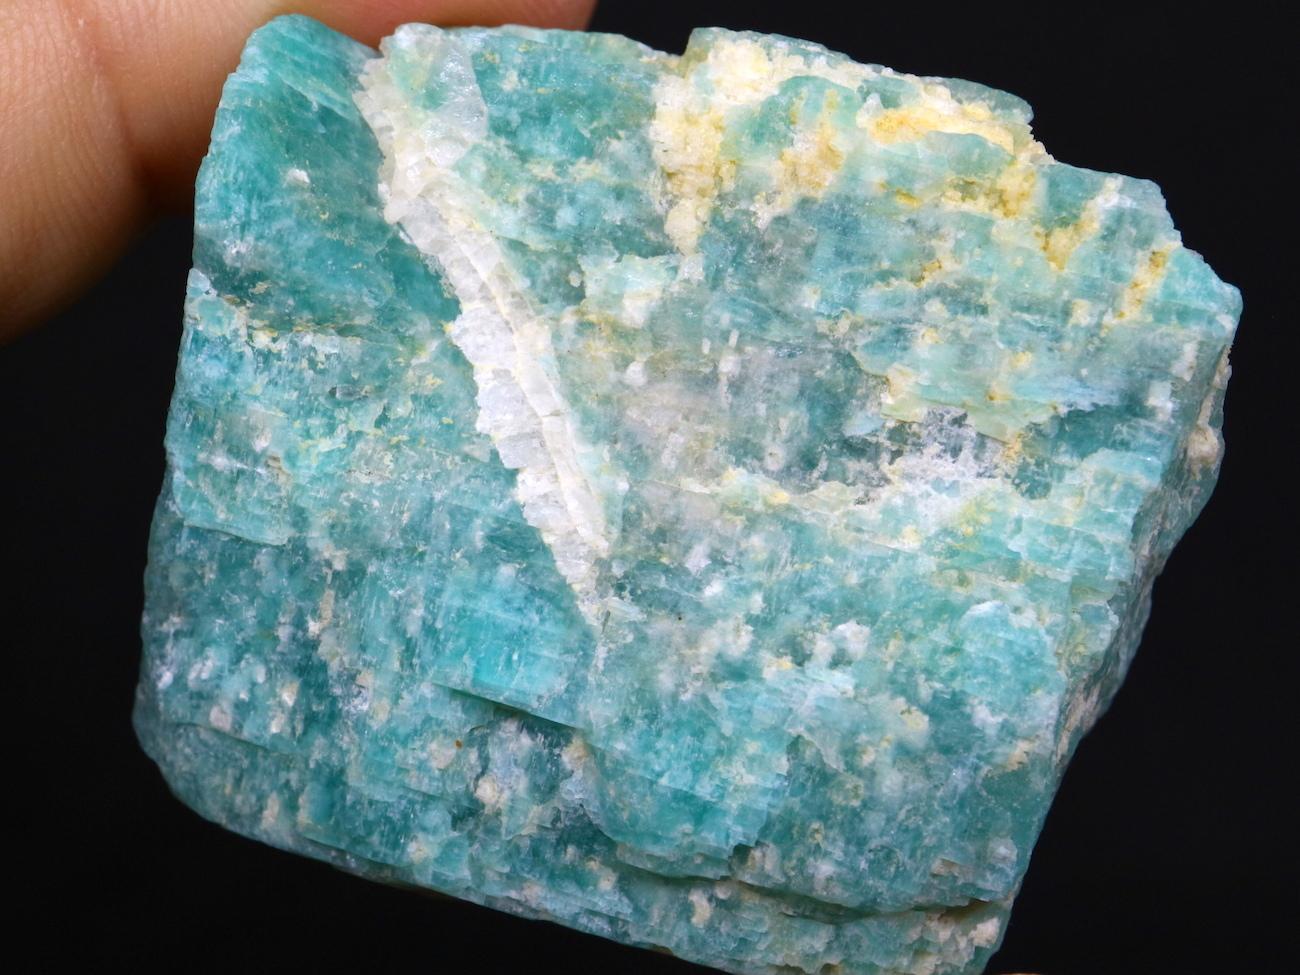 アマゾナイト モザンビーク産 原石 39,5g AZ0021 天河石(てんがせき)